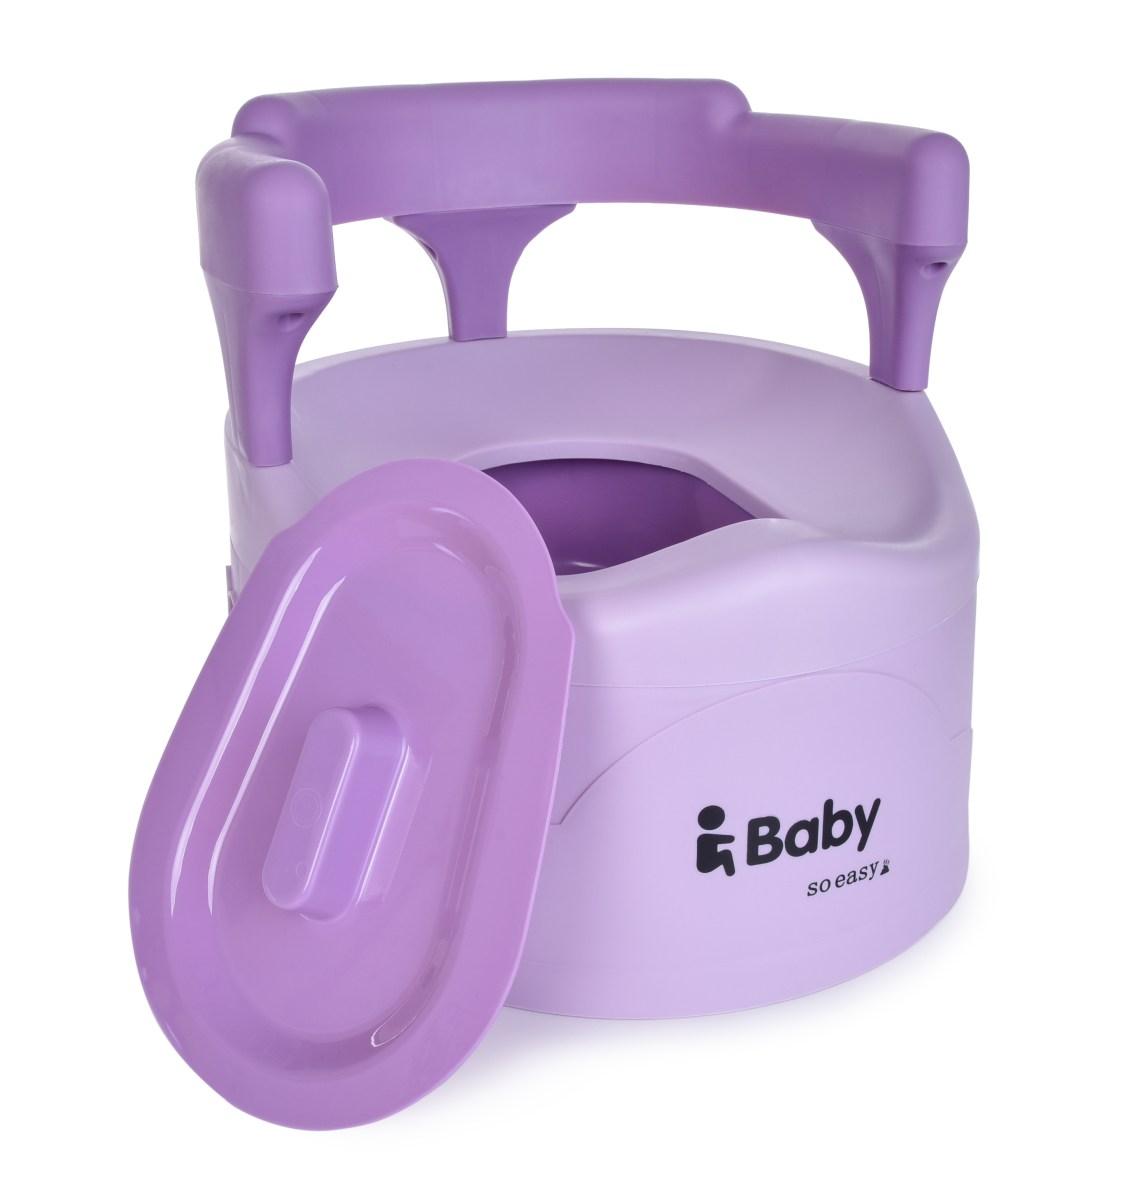 BABY TRŮN nočník pro děti s opěradlem fialový